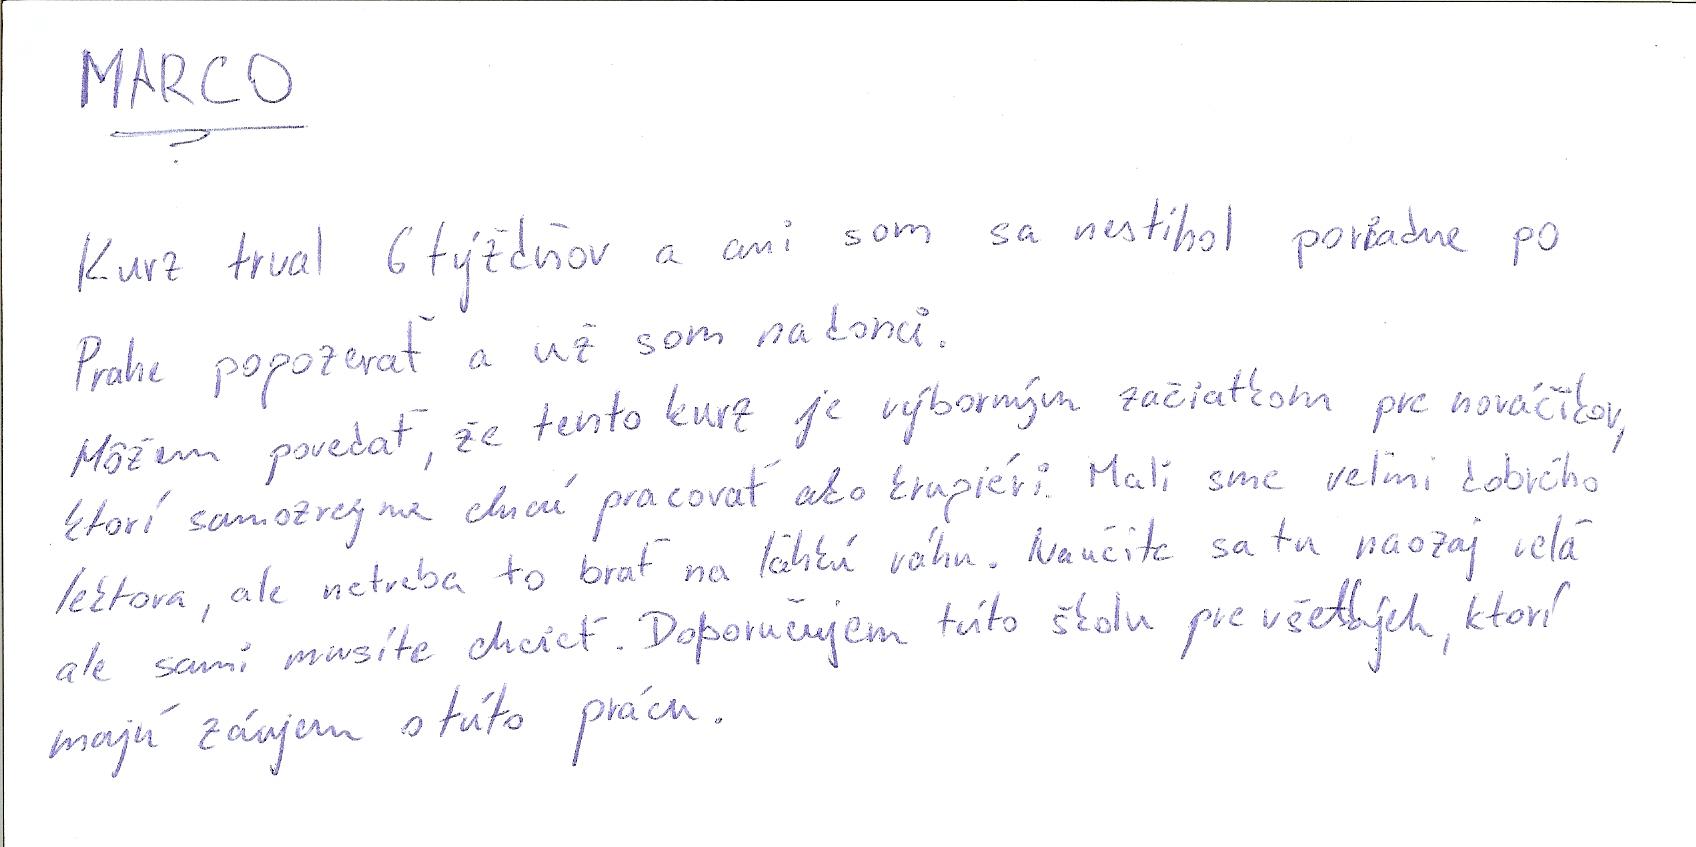 www.cgspraha.cz